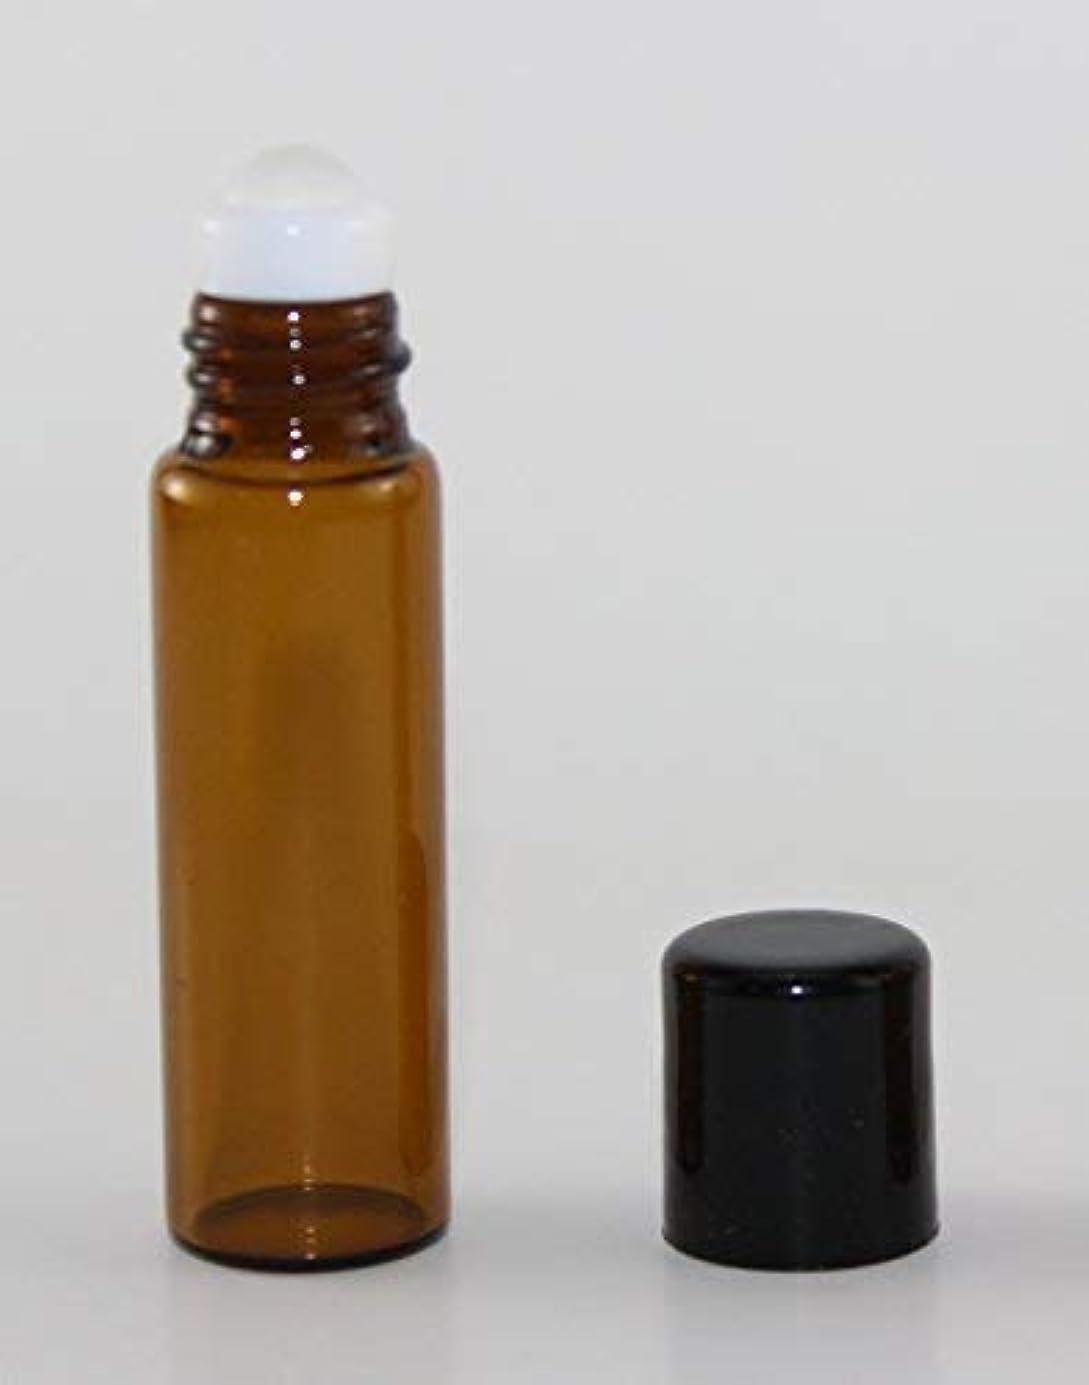 永続費用ショッピングセンターUSA 72 Amber Glass 5 ml Roll-On Glass Bottles with GLASS Roller Roll On Balls - Refillable Aromatherapy Essential...